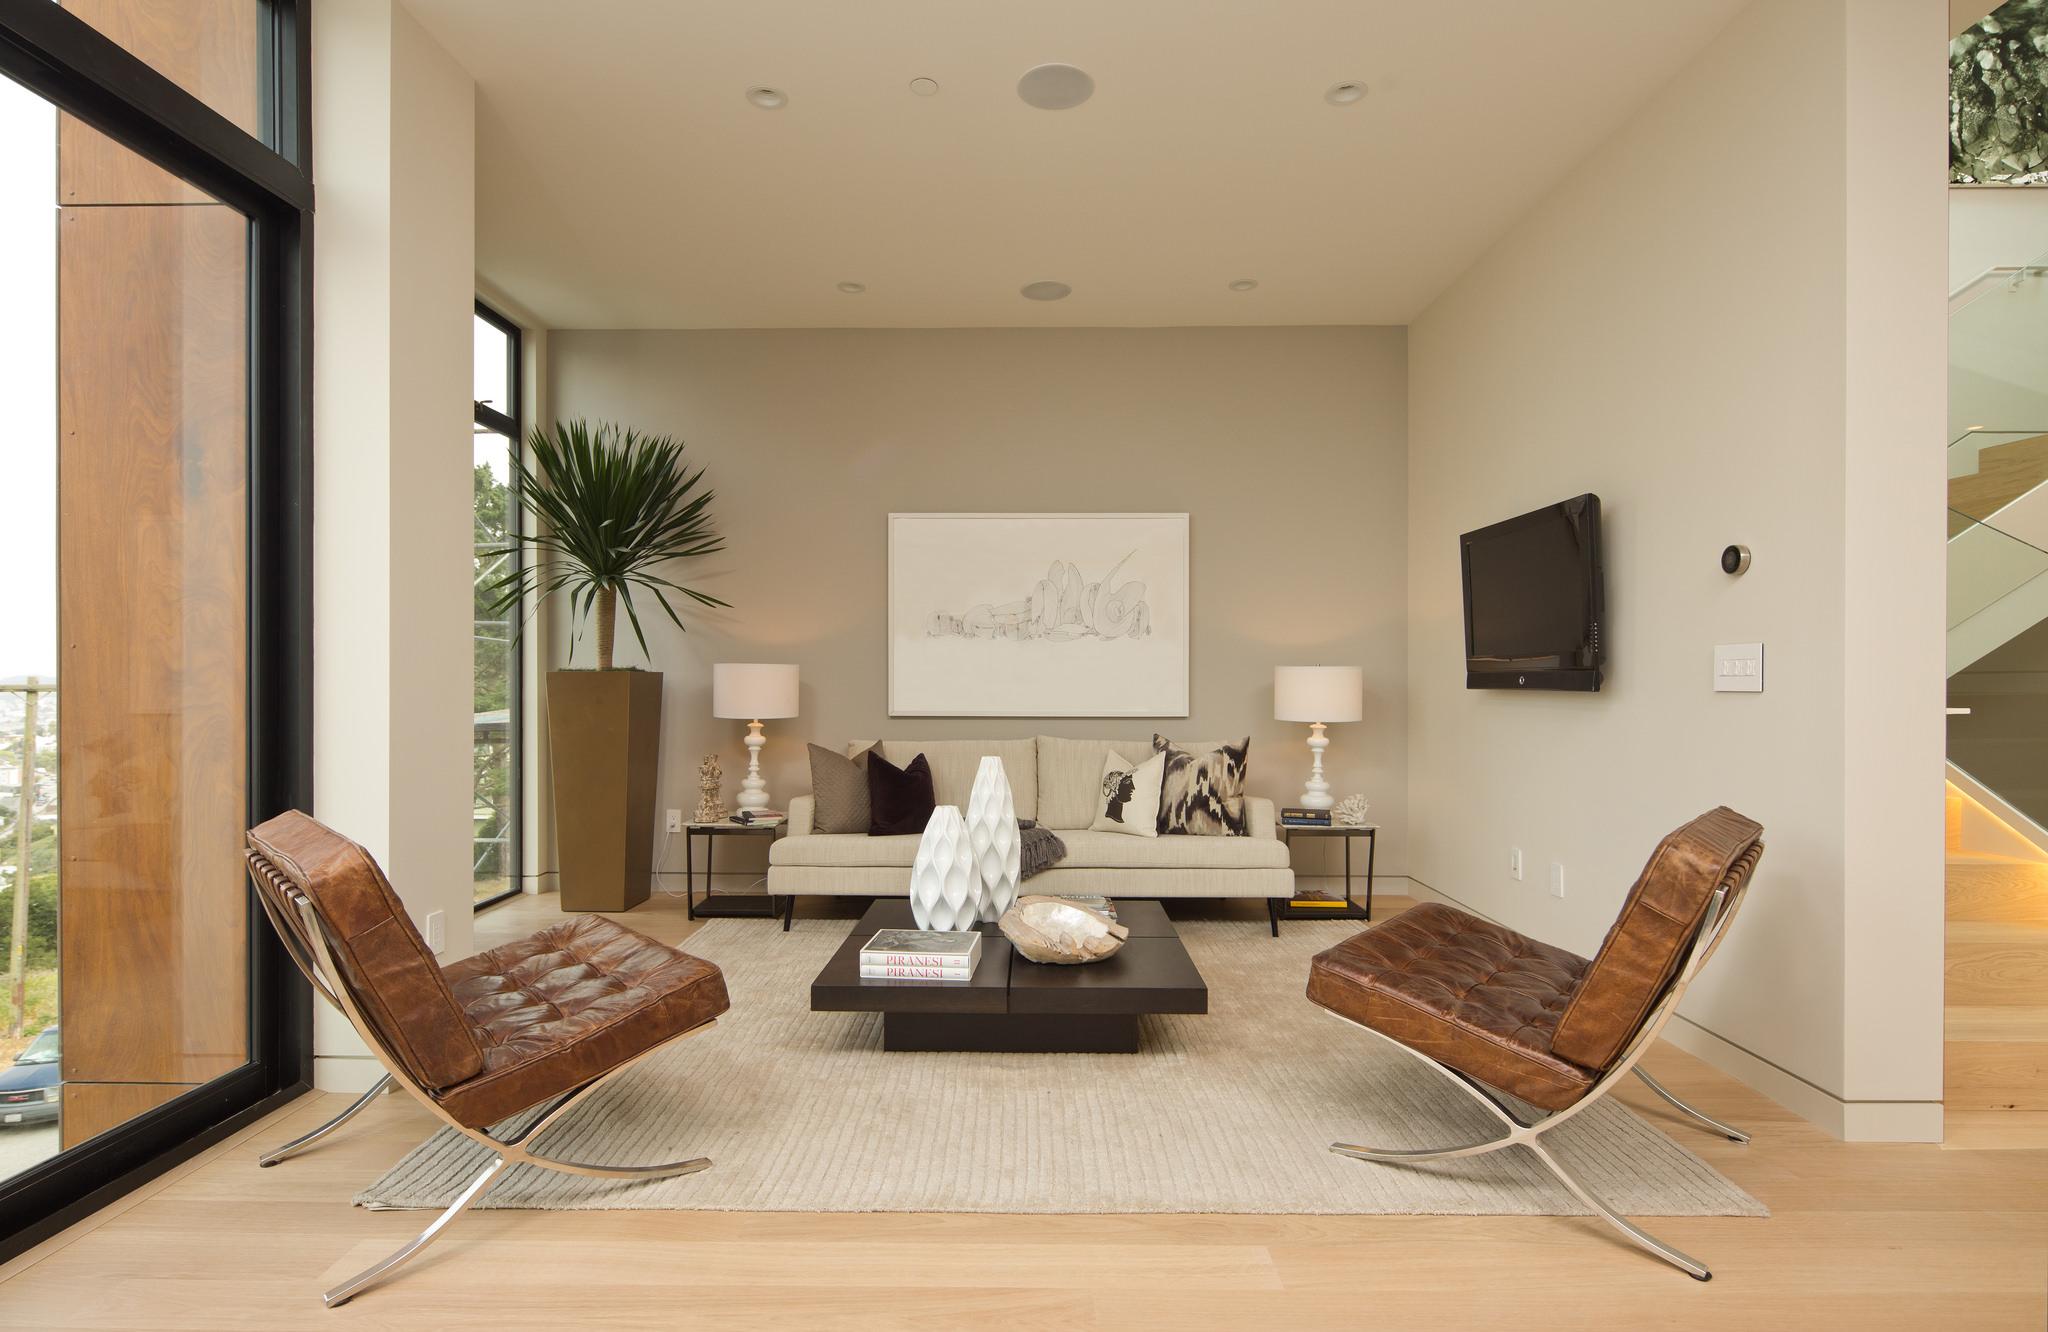 Noe living room